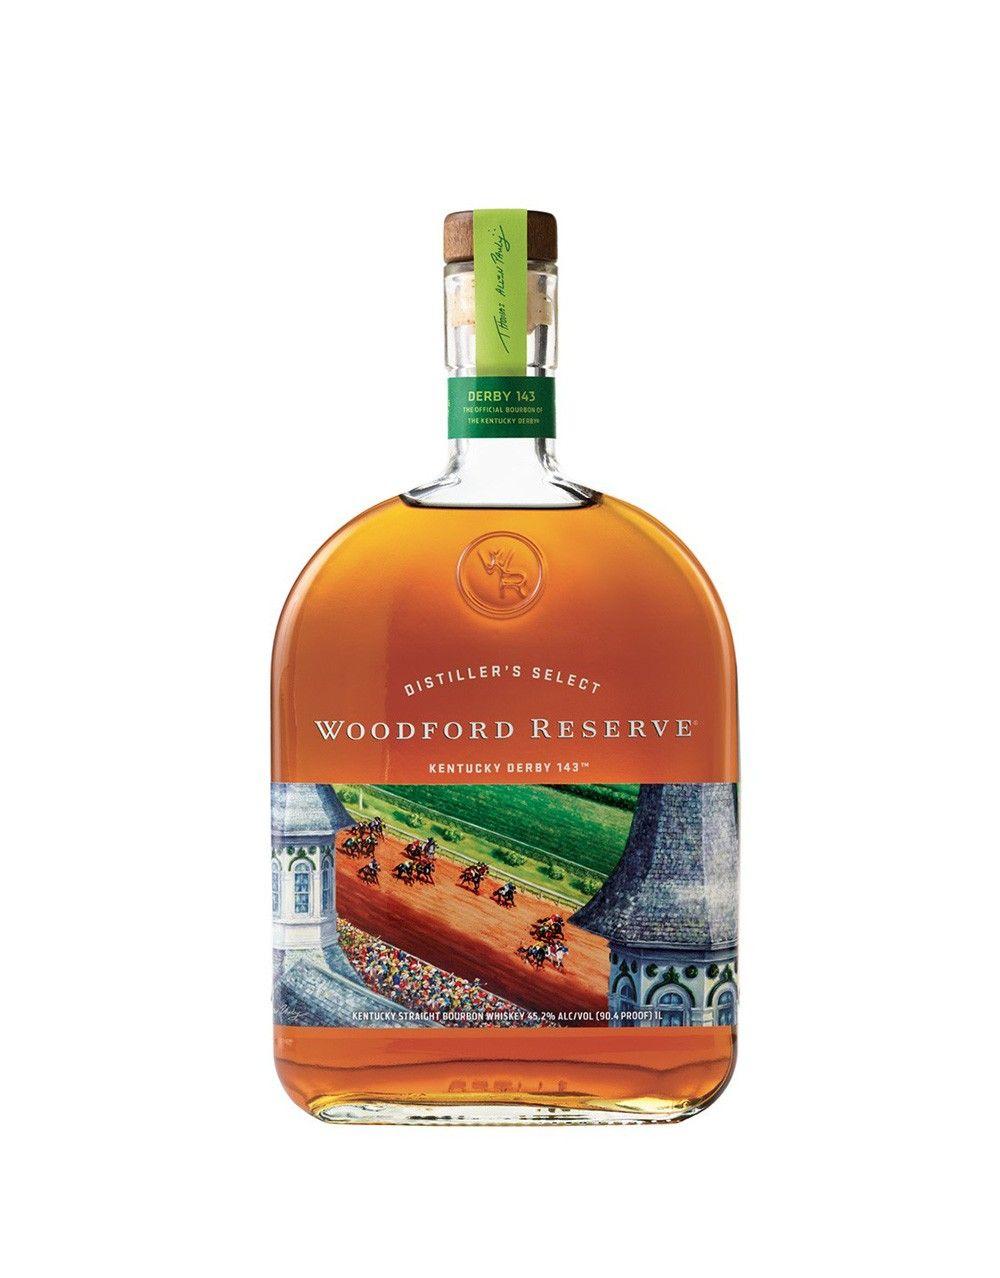 Woodford Reserve 2017 Kentucky Derby Bottle Kentucky Derby Party Bourbon Tasting Kentucky Derby Bourbon